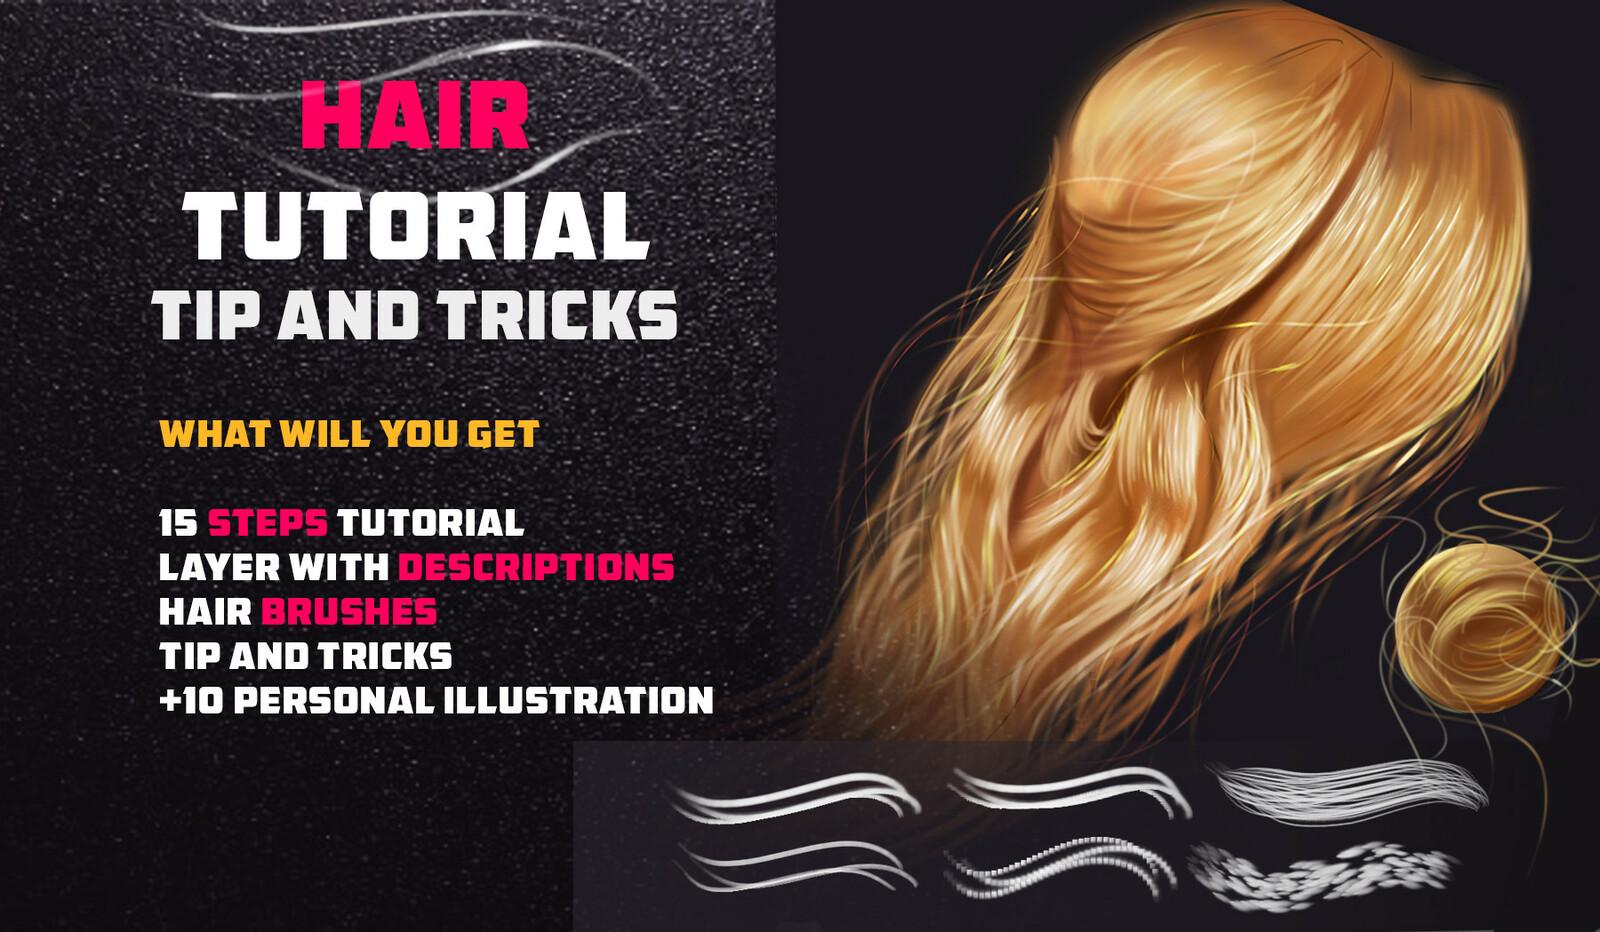 Artstation Marketplace Link: https://www.artstation.com/vurdem/store/NKad/hair-tutorial-tip-and-tricks-hair-brushes